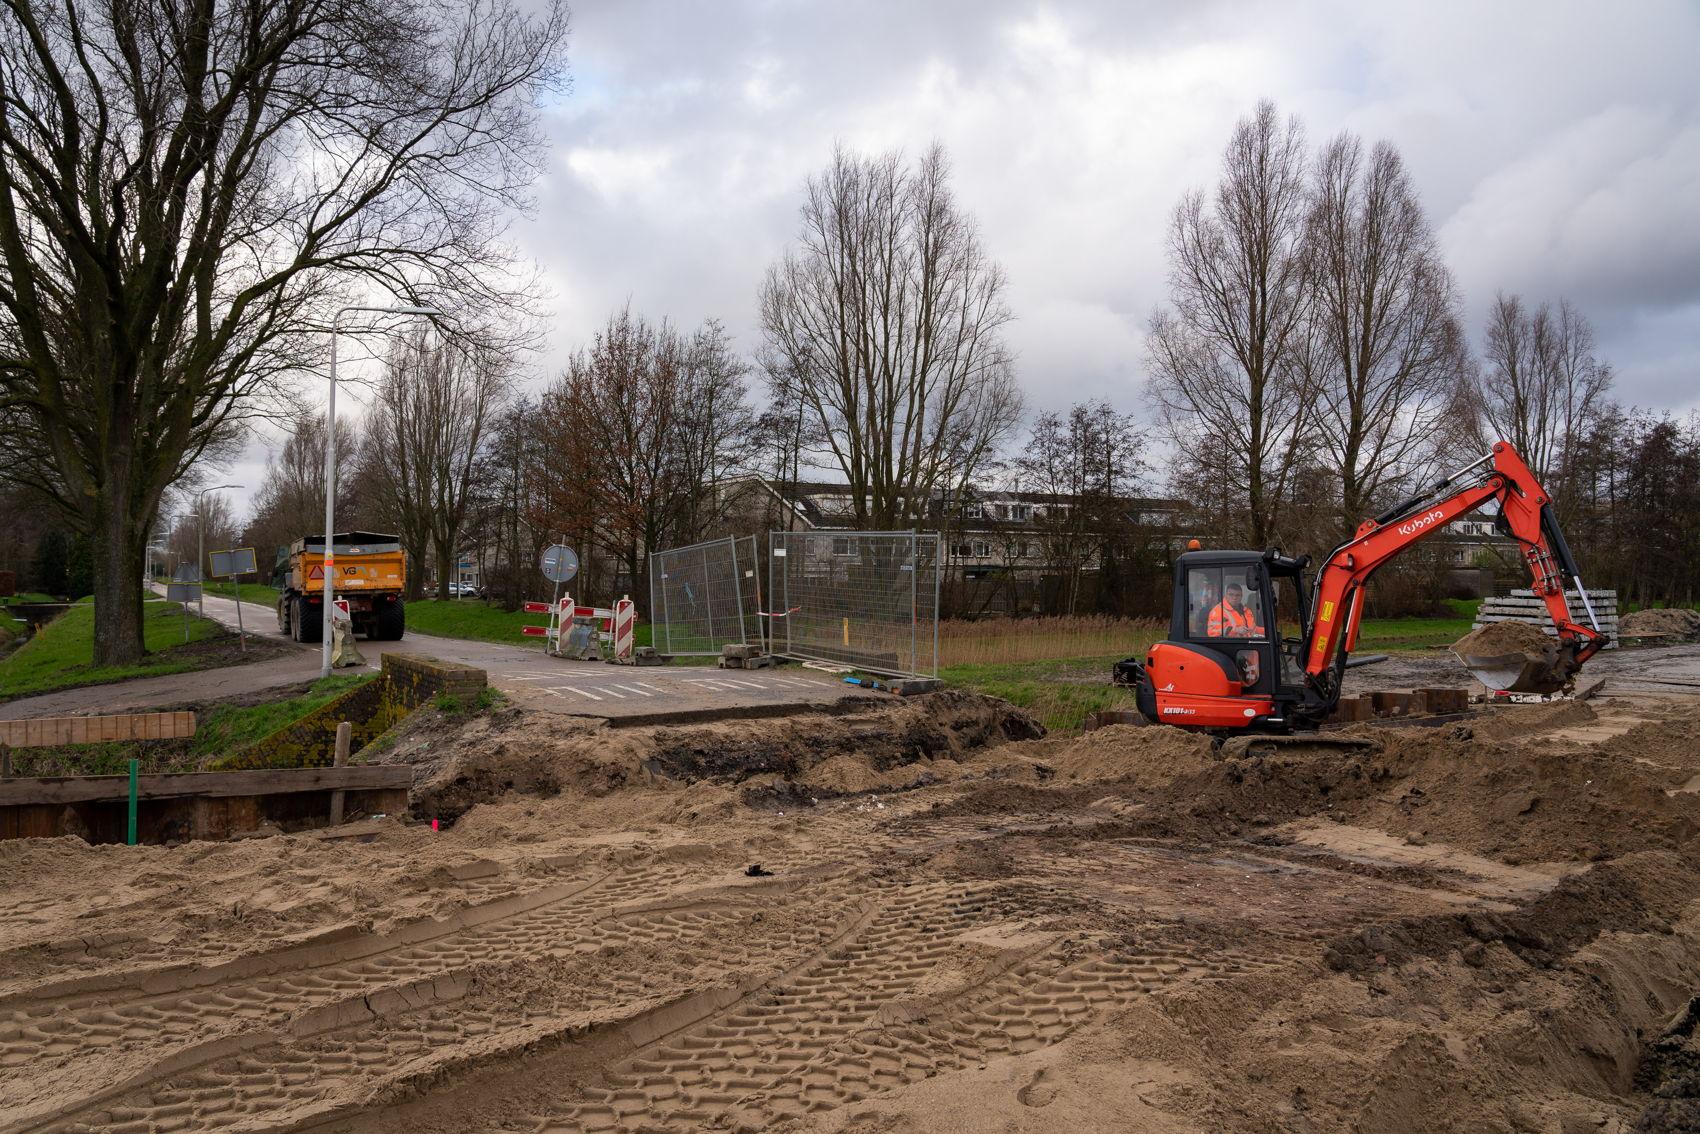 De J.C. van Hattumweg is tijdelijk onderbroken op de plek waar de spoorwegovergang komt.